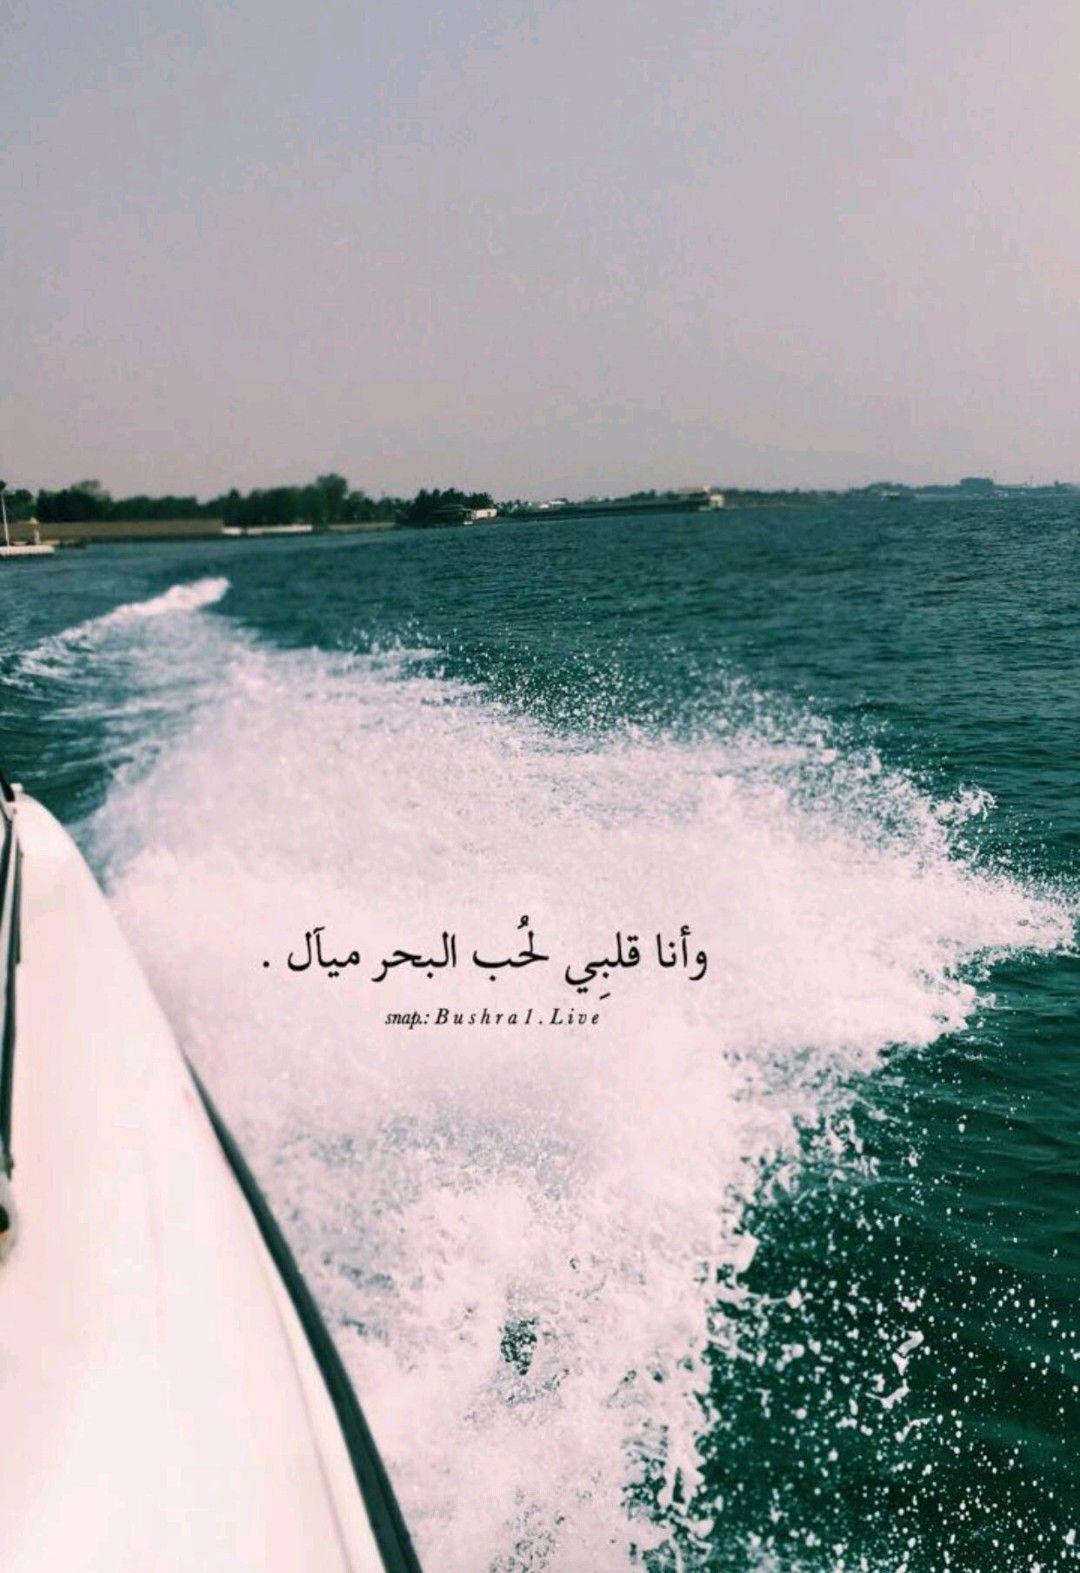 اقتباسات Insightful Quotes Beautiful Quran Quotes Spirit Quotes